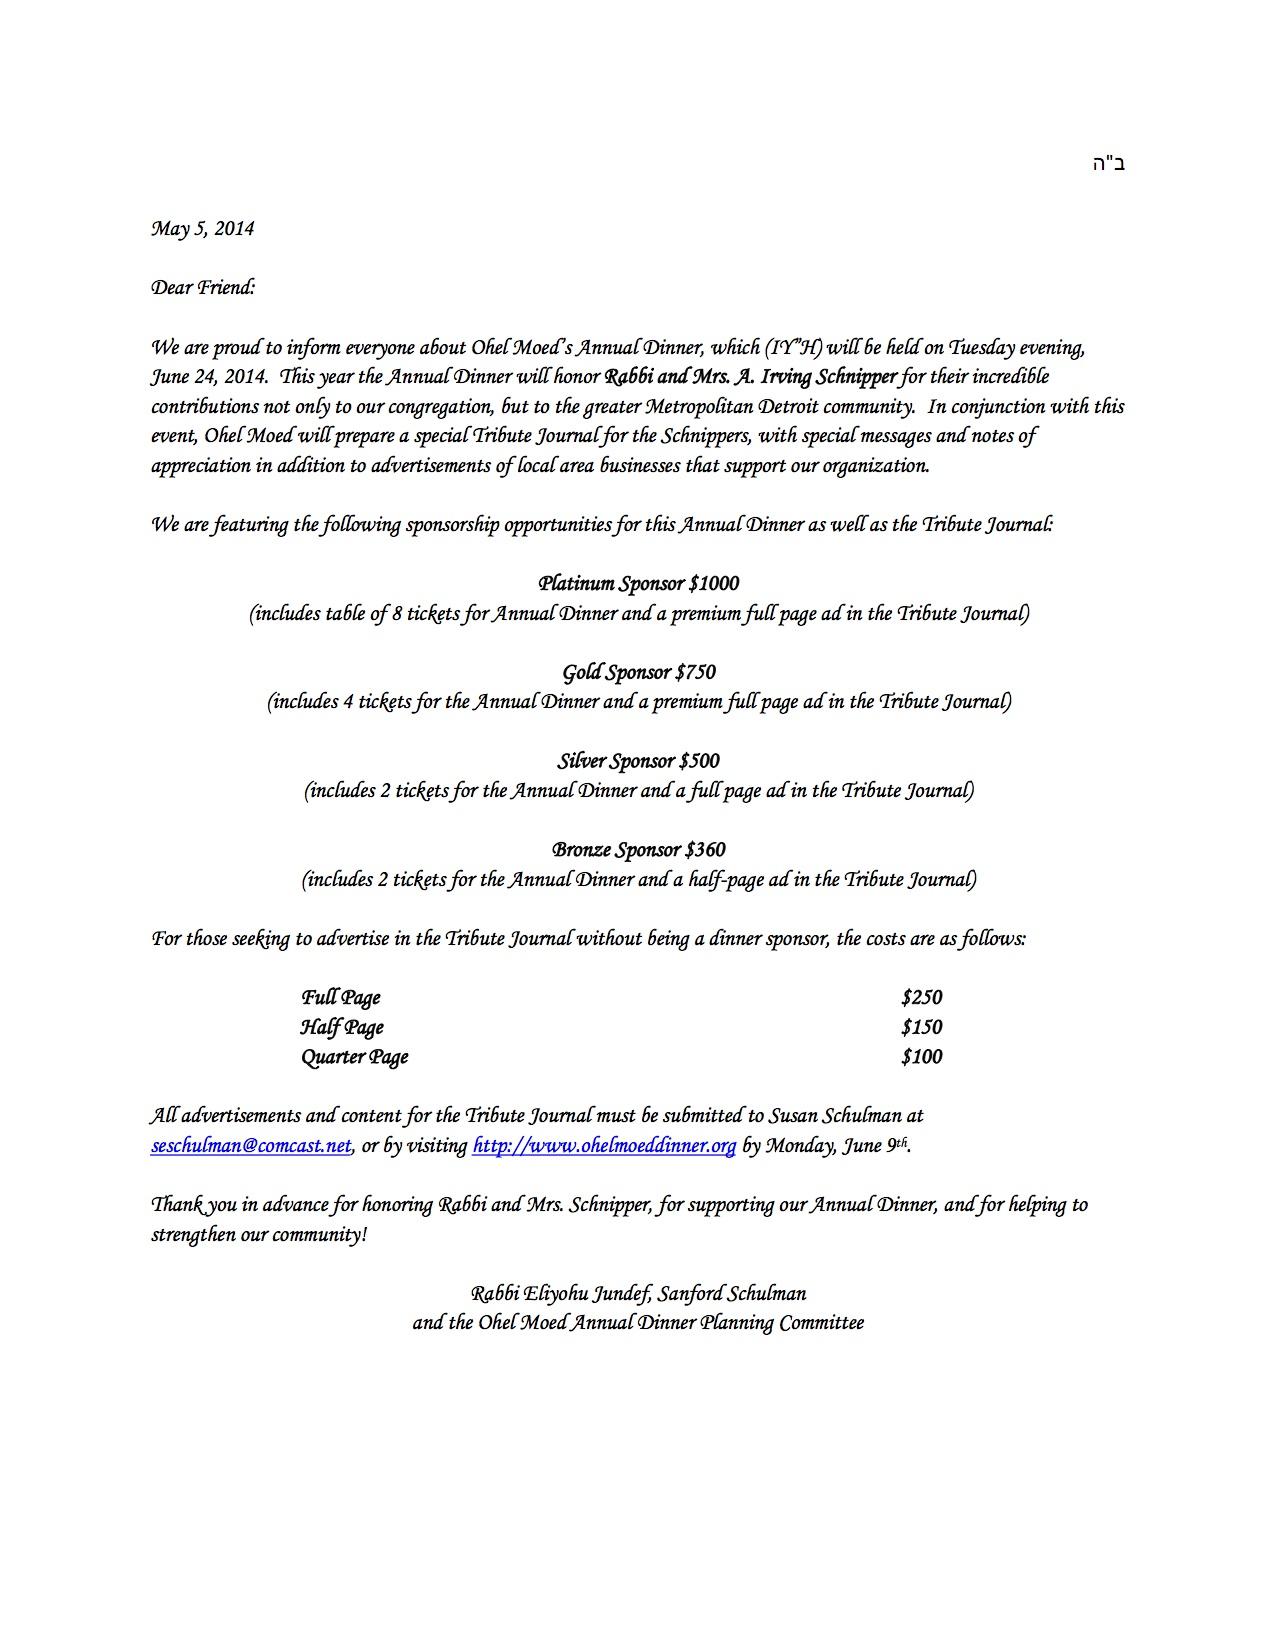 Ohel Moed Annual Dinner Member Letter 5-5-14